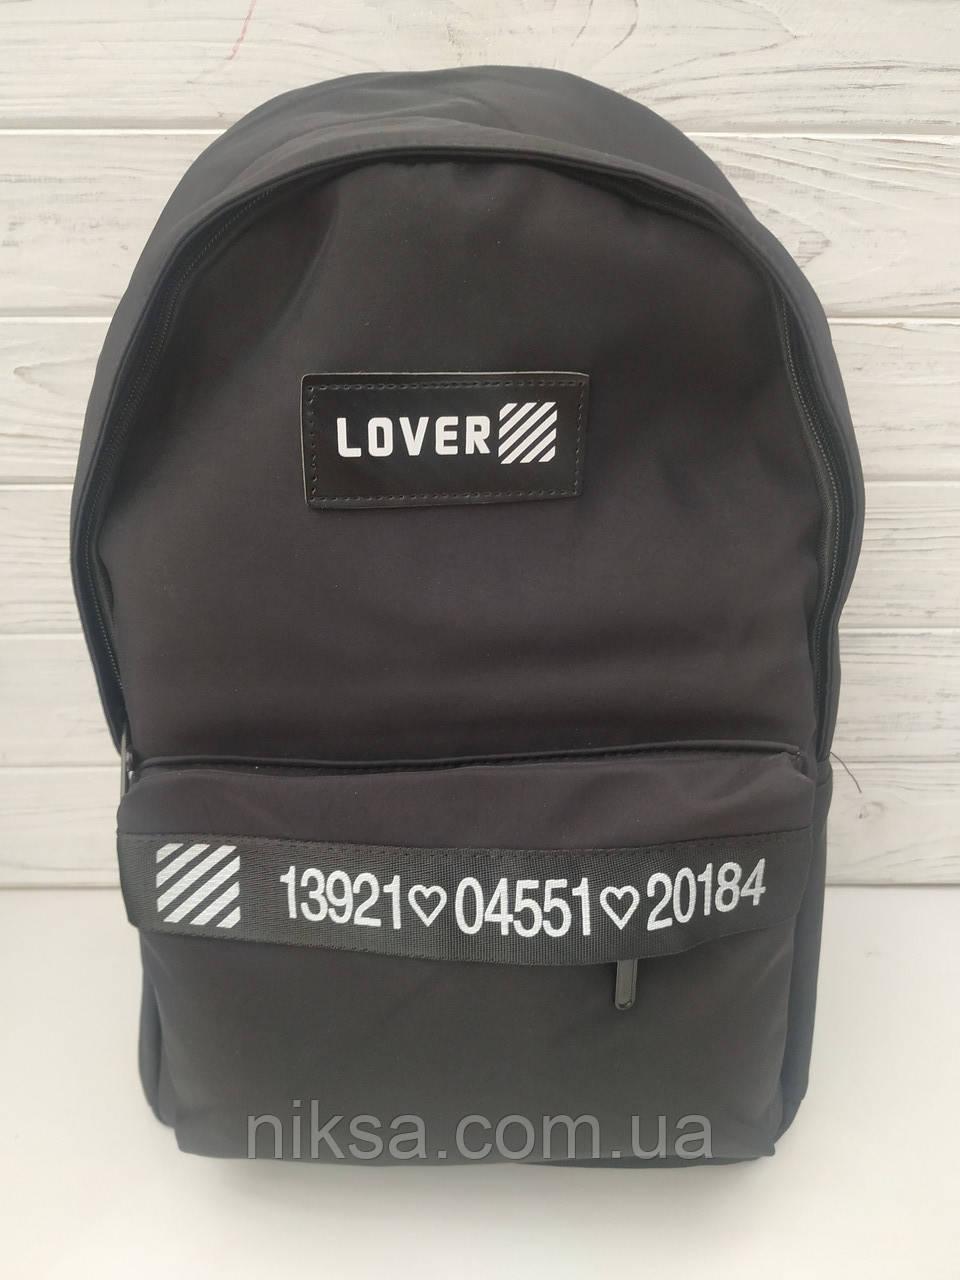 Рюкзак городской стильный  хорошее качество размер 30x40x15 черный